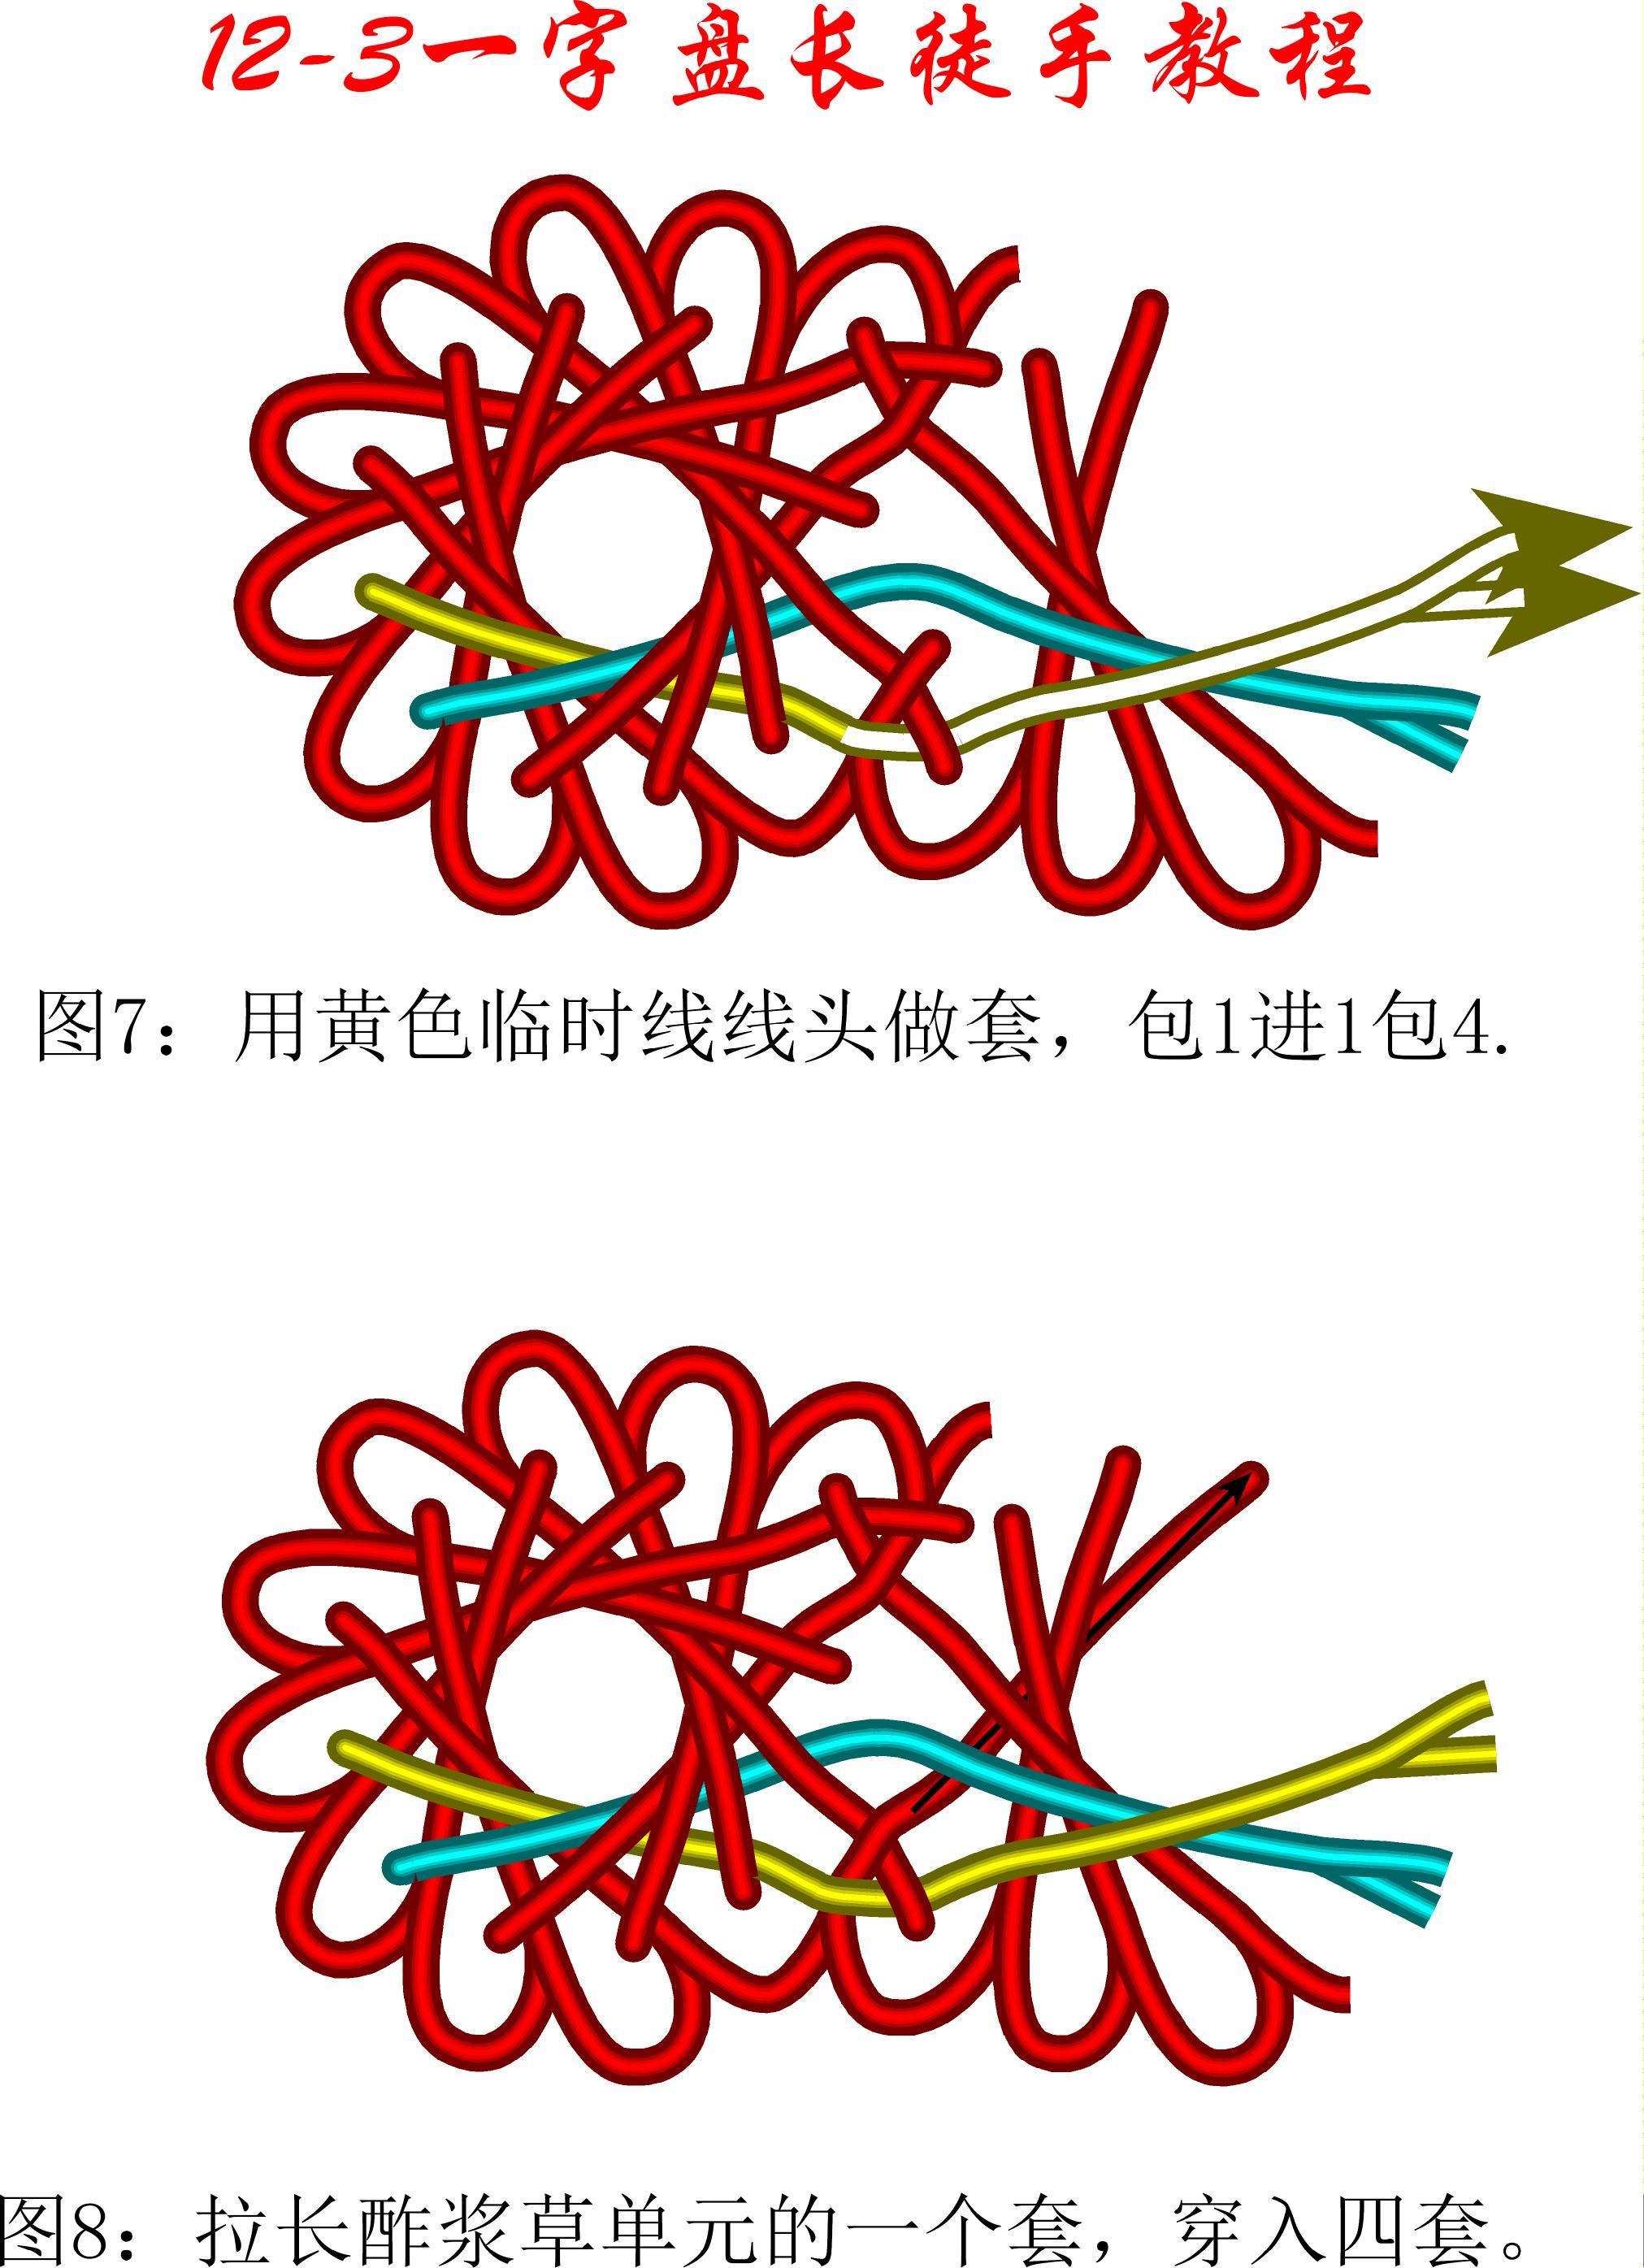 中国结论坛 12-3一字盘长单元扩展法教程 教程,一步一步教你编中国结 丑丑徒手编结 105952dhfh663xs3taffs5